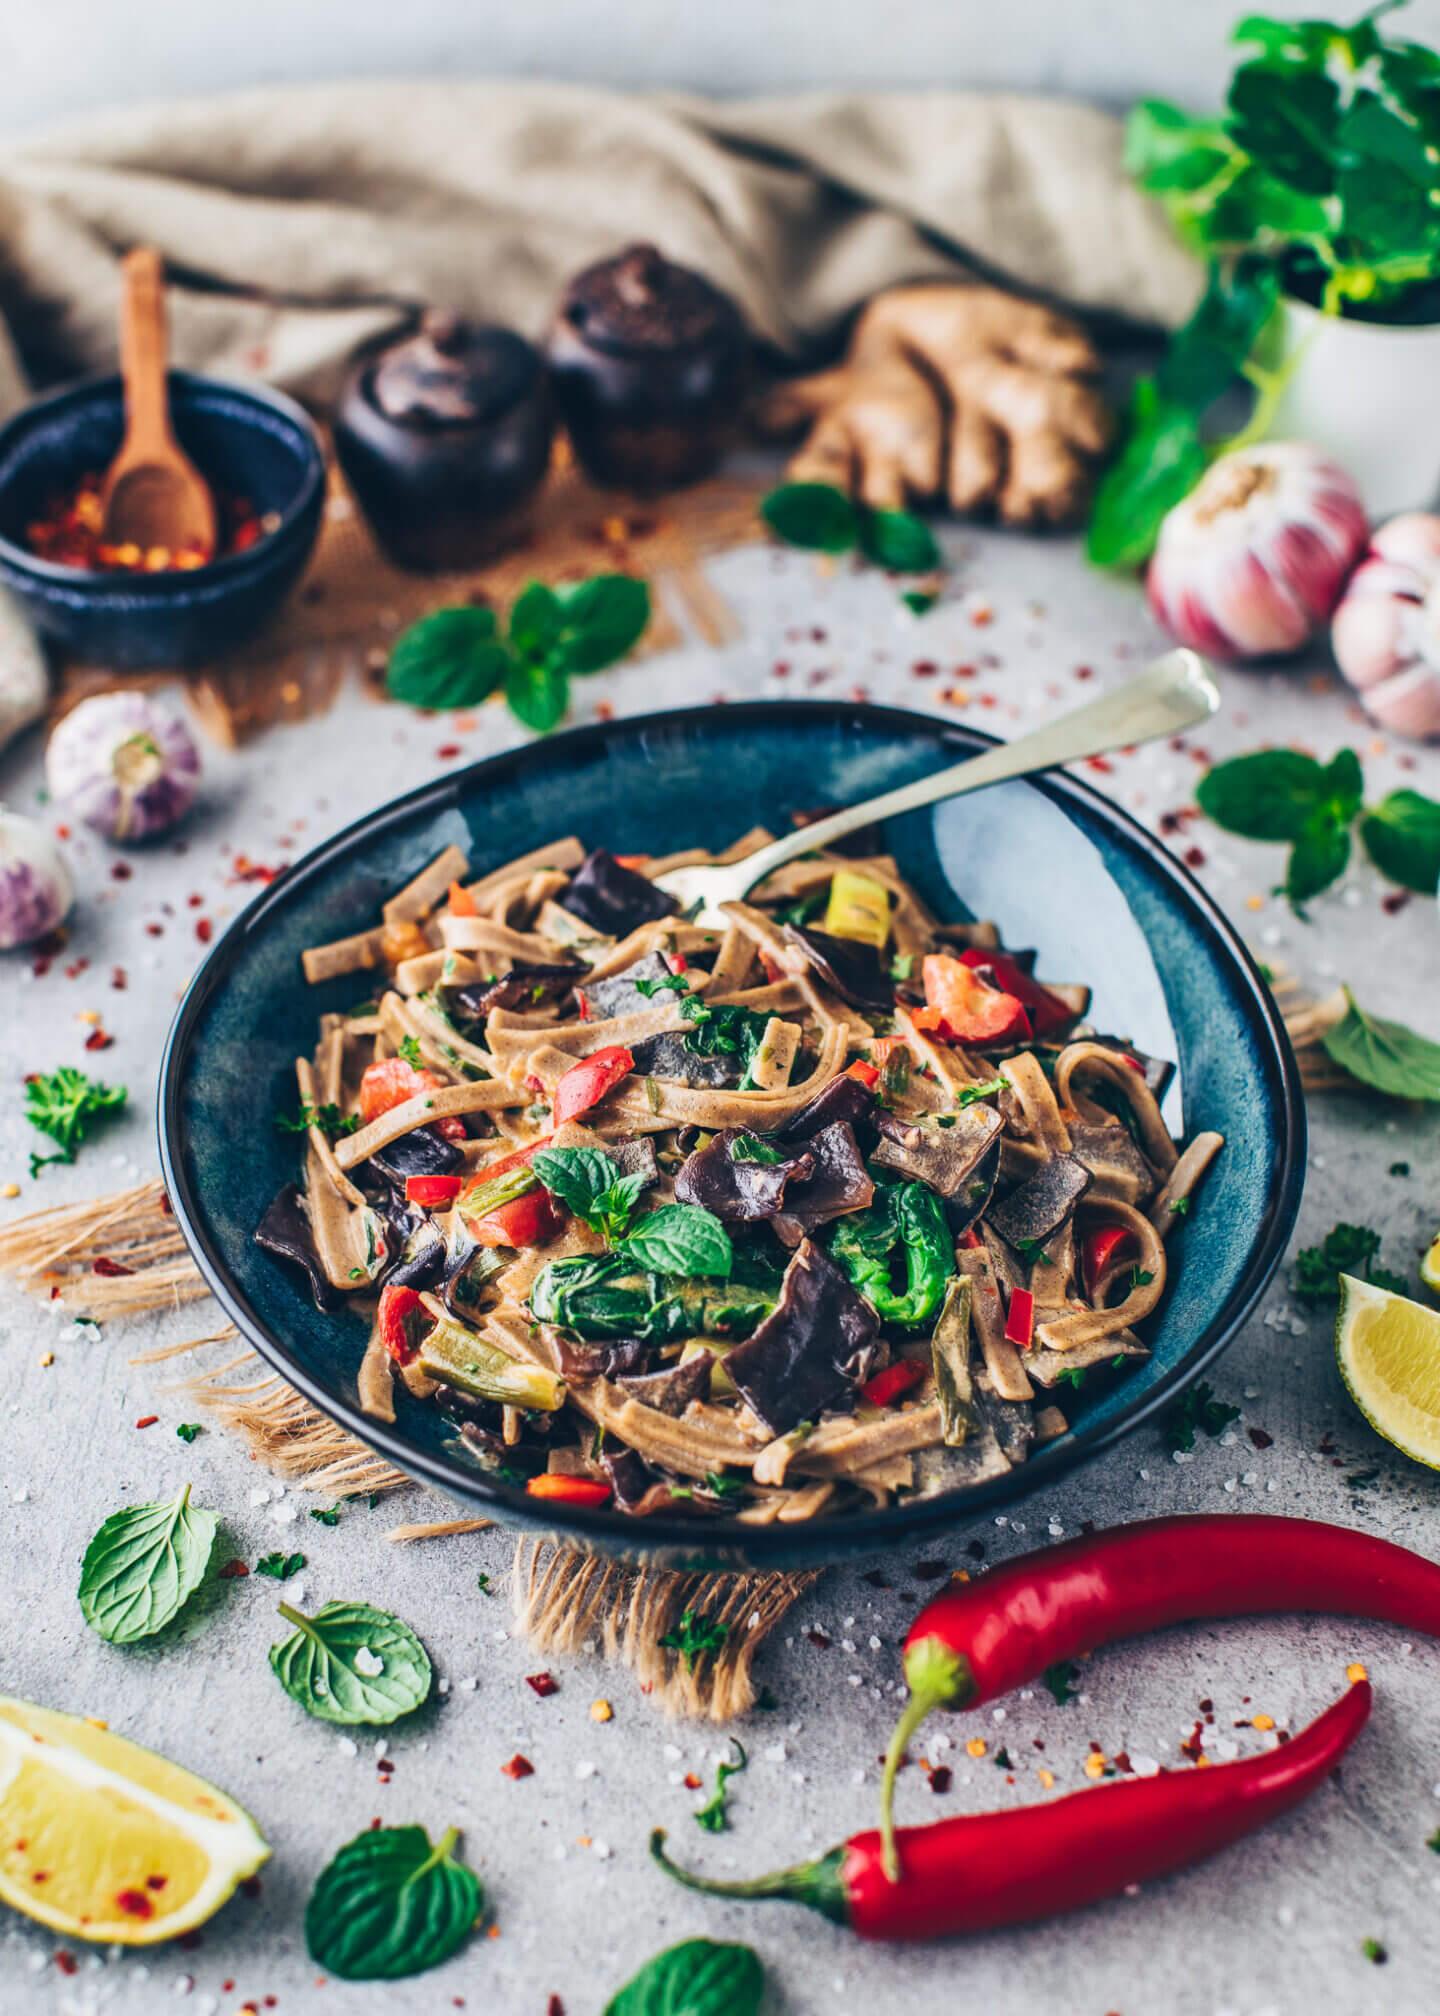 Asiatische Nudeln (Spicy Noodles) Every x Bianca